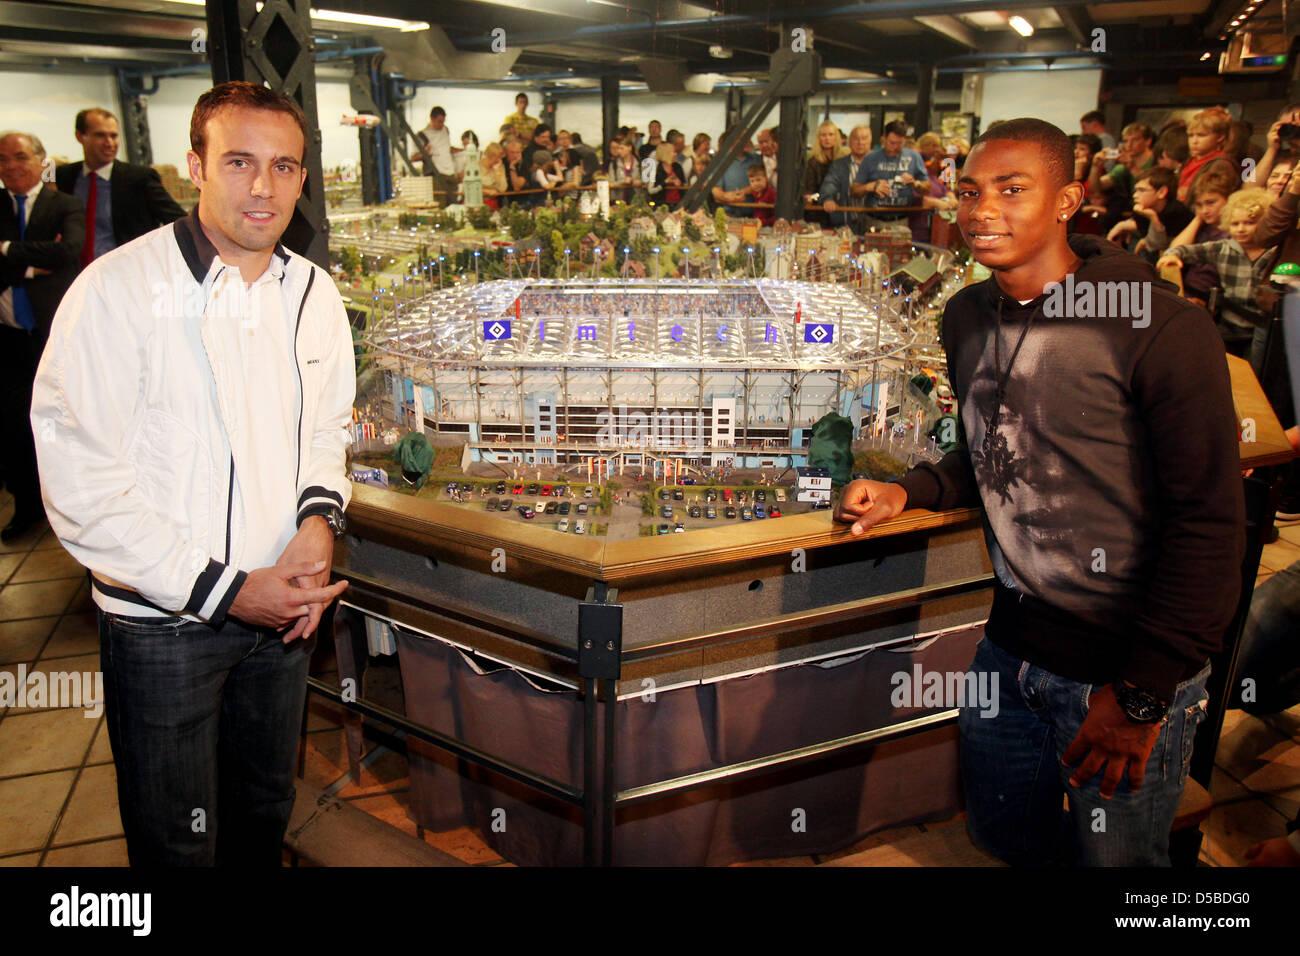 Die Fu§ball-Profis Joris Mathijsen (l-r) und Eljero Elia vom Hamburger SV posieren am Donnerstag (26.08.2010) - Stock Image